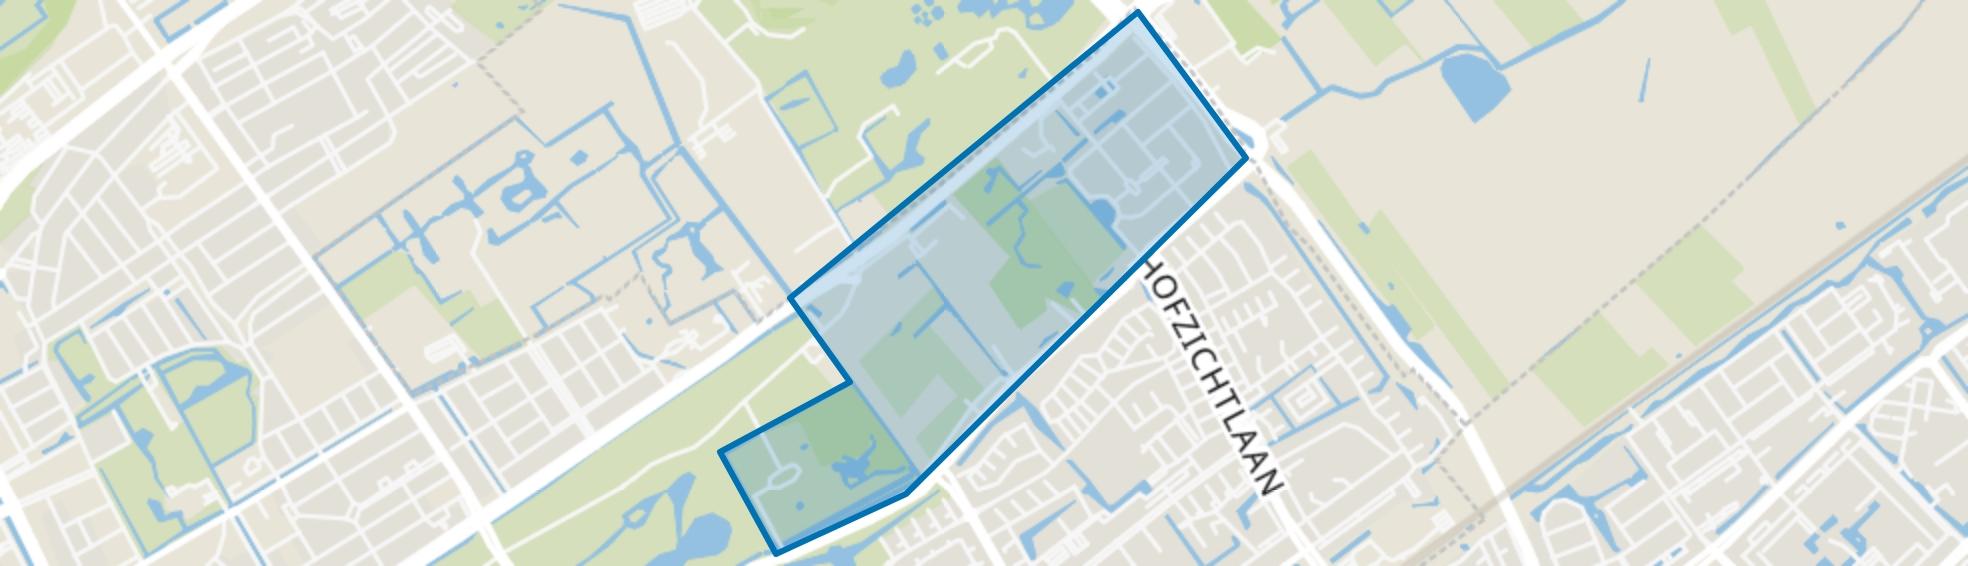 Marlot, Den Haag map